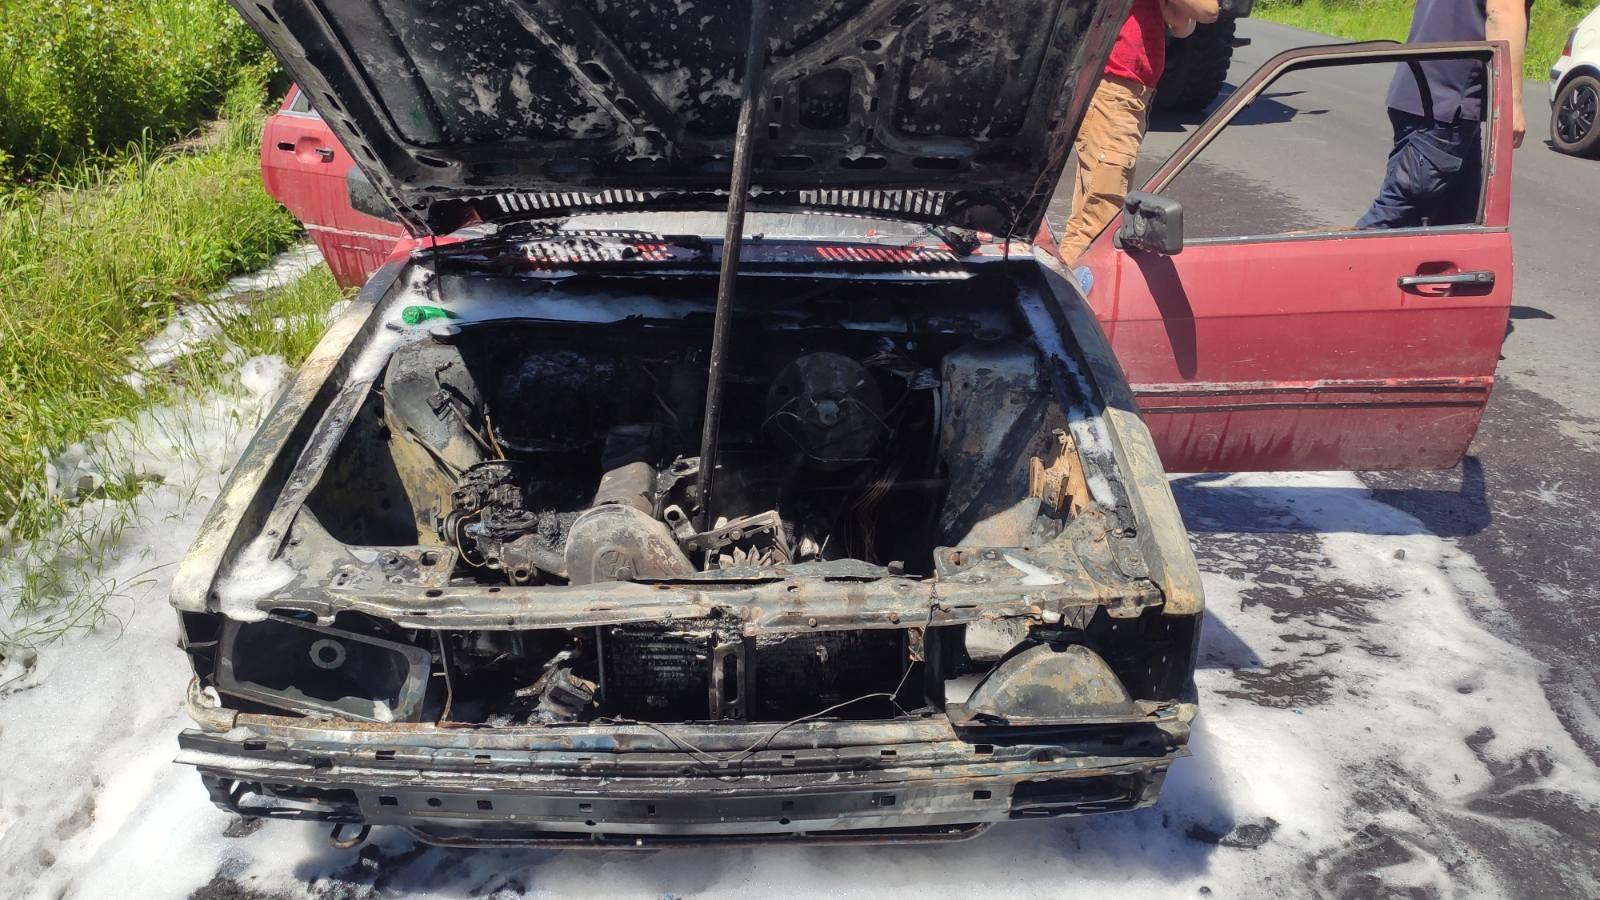 Вогнеборці гасили стареньку іномарку, яка загорілася під час руху в селищі Вилок.